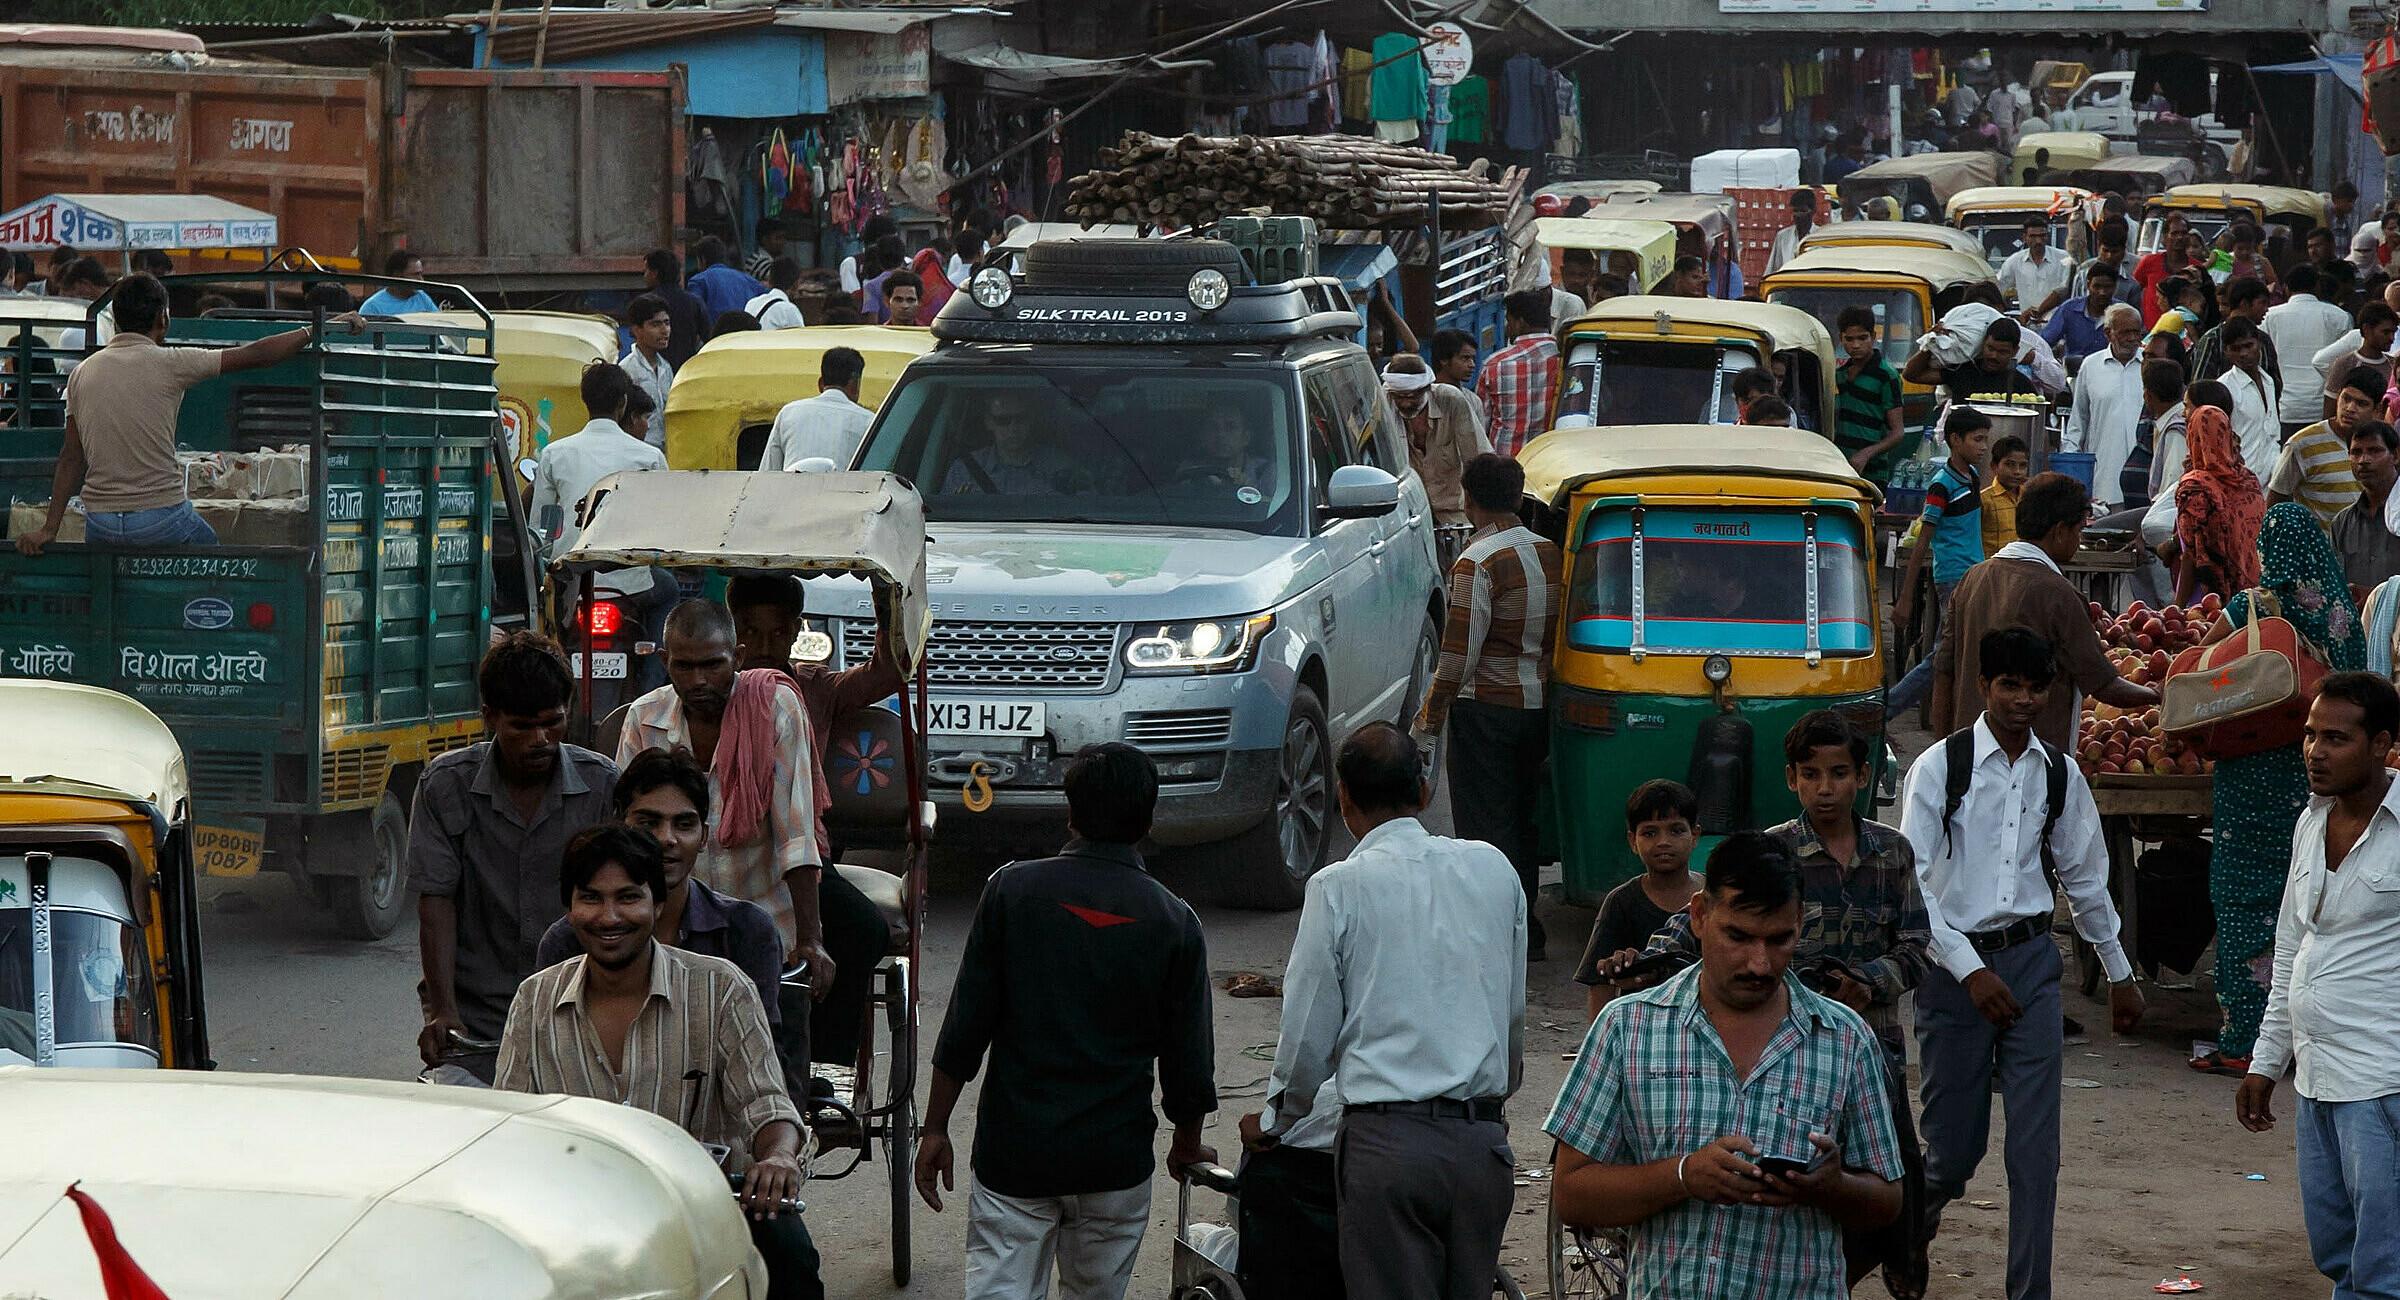 Giao thông đông đúc tại Ấn Độ. Ảnh: Carscoops